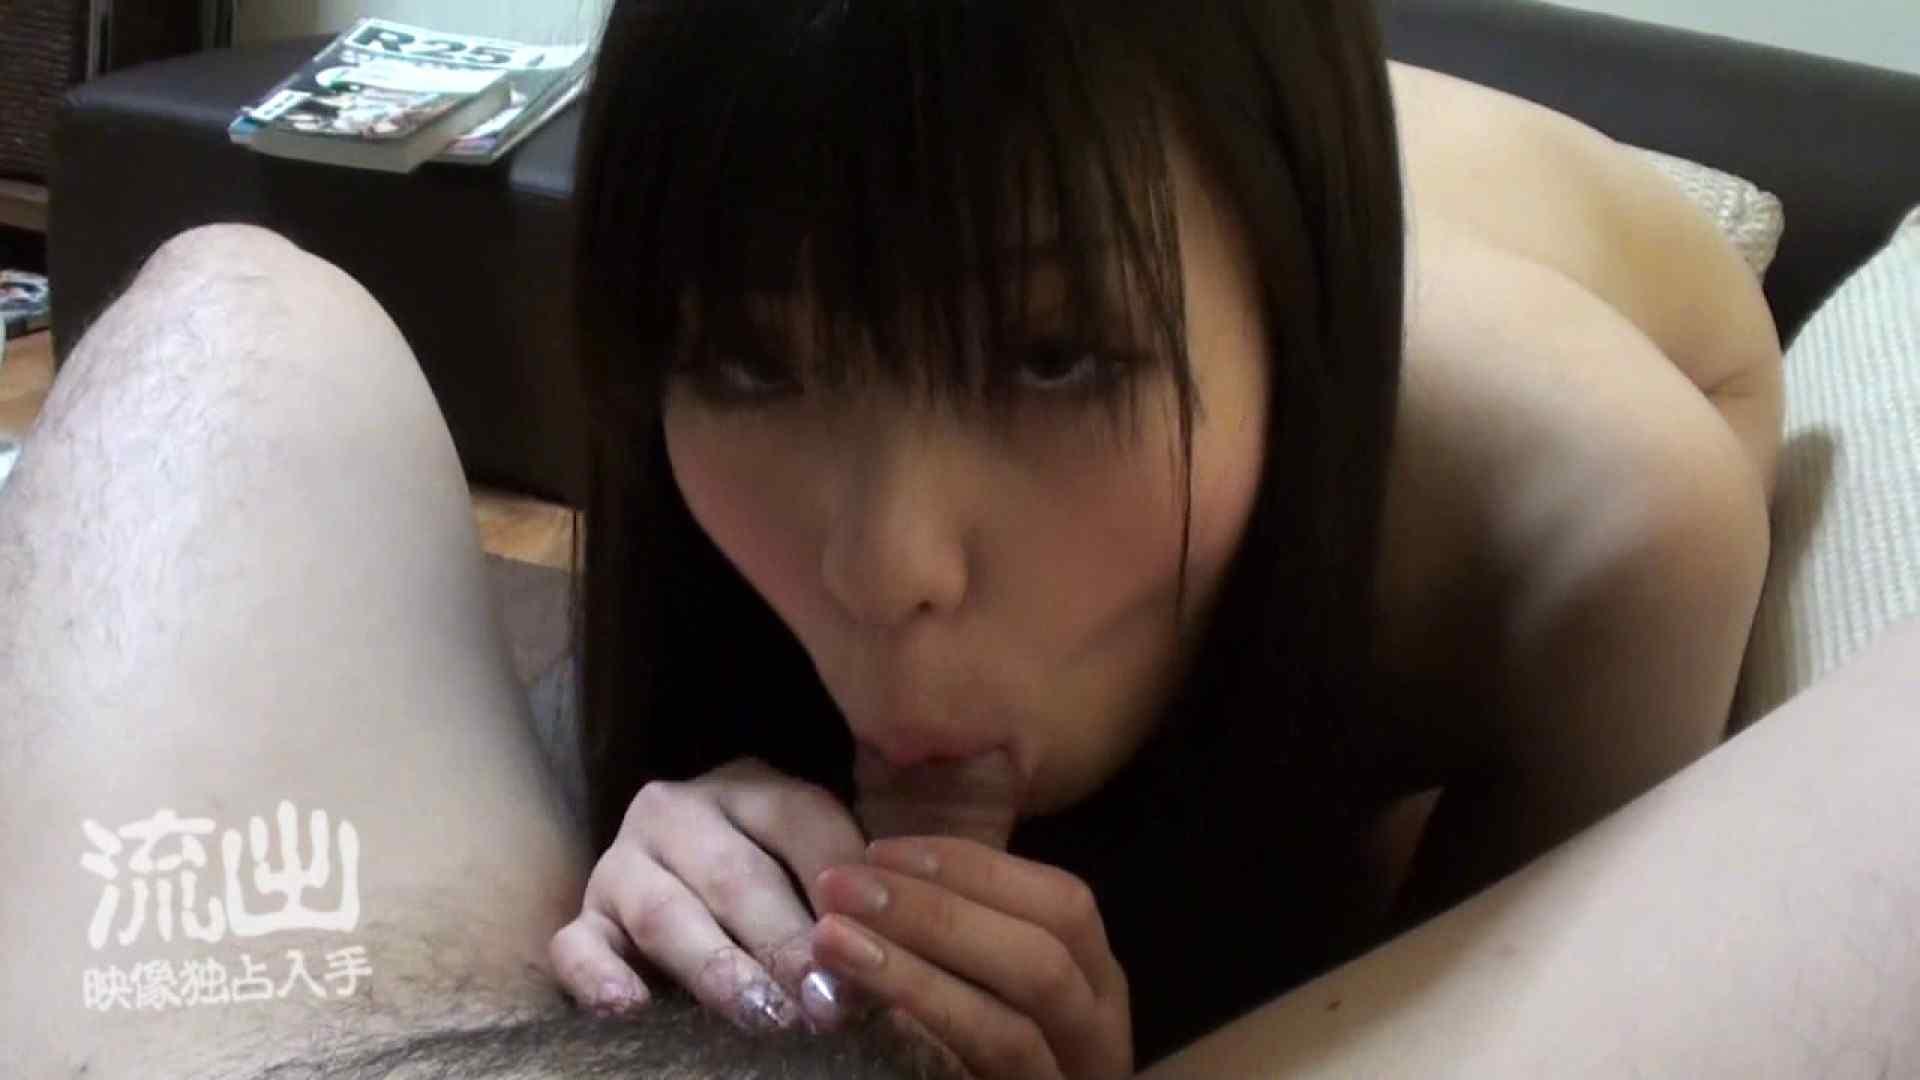 素人流出動画 都内在住マモルくんのファイルvol.2 一般投稿 | エッチなOL  59pic 55